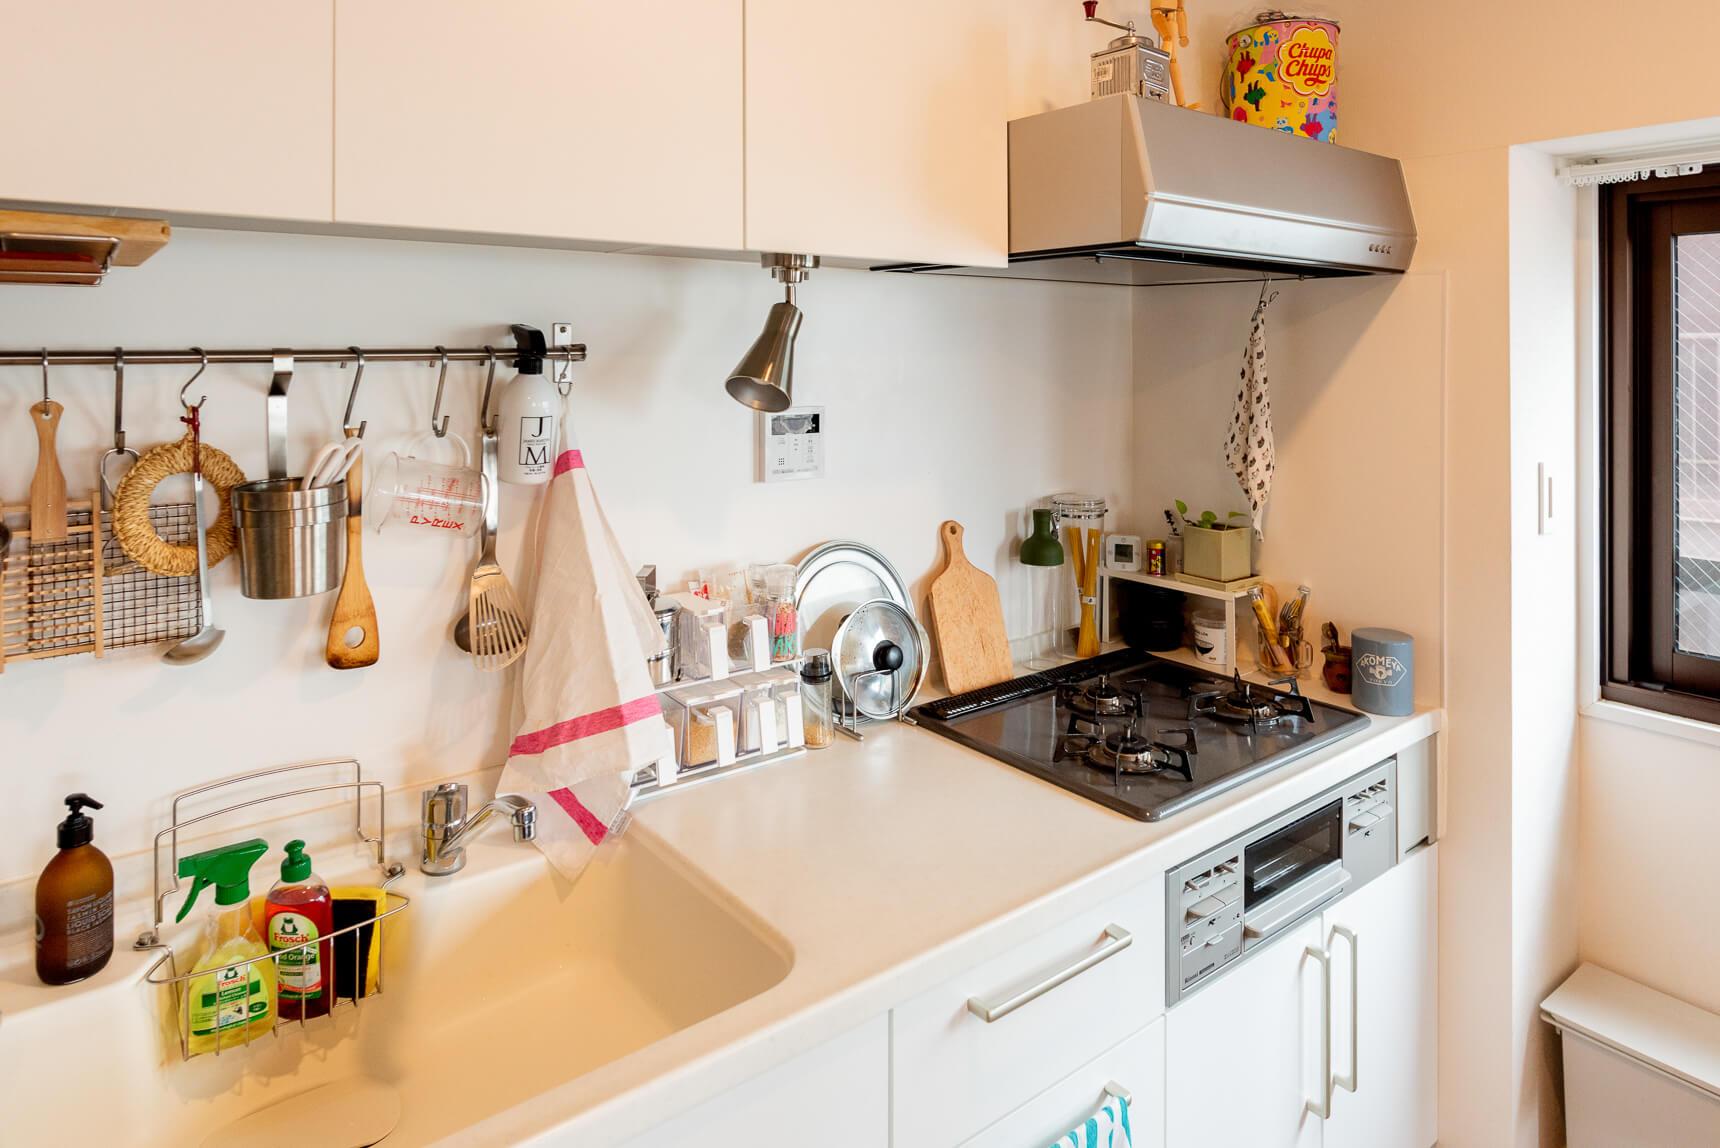 ハンガーバーがあれば、IKEAのカトラリースタンドを使ってツールをかけて収納したり、スプレー類をひっかけたり。便利に使えます。(このお部屋はこちら)